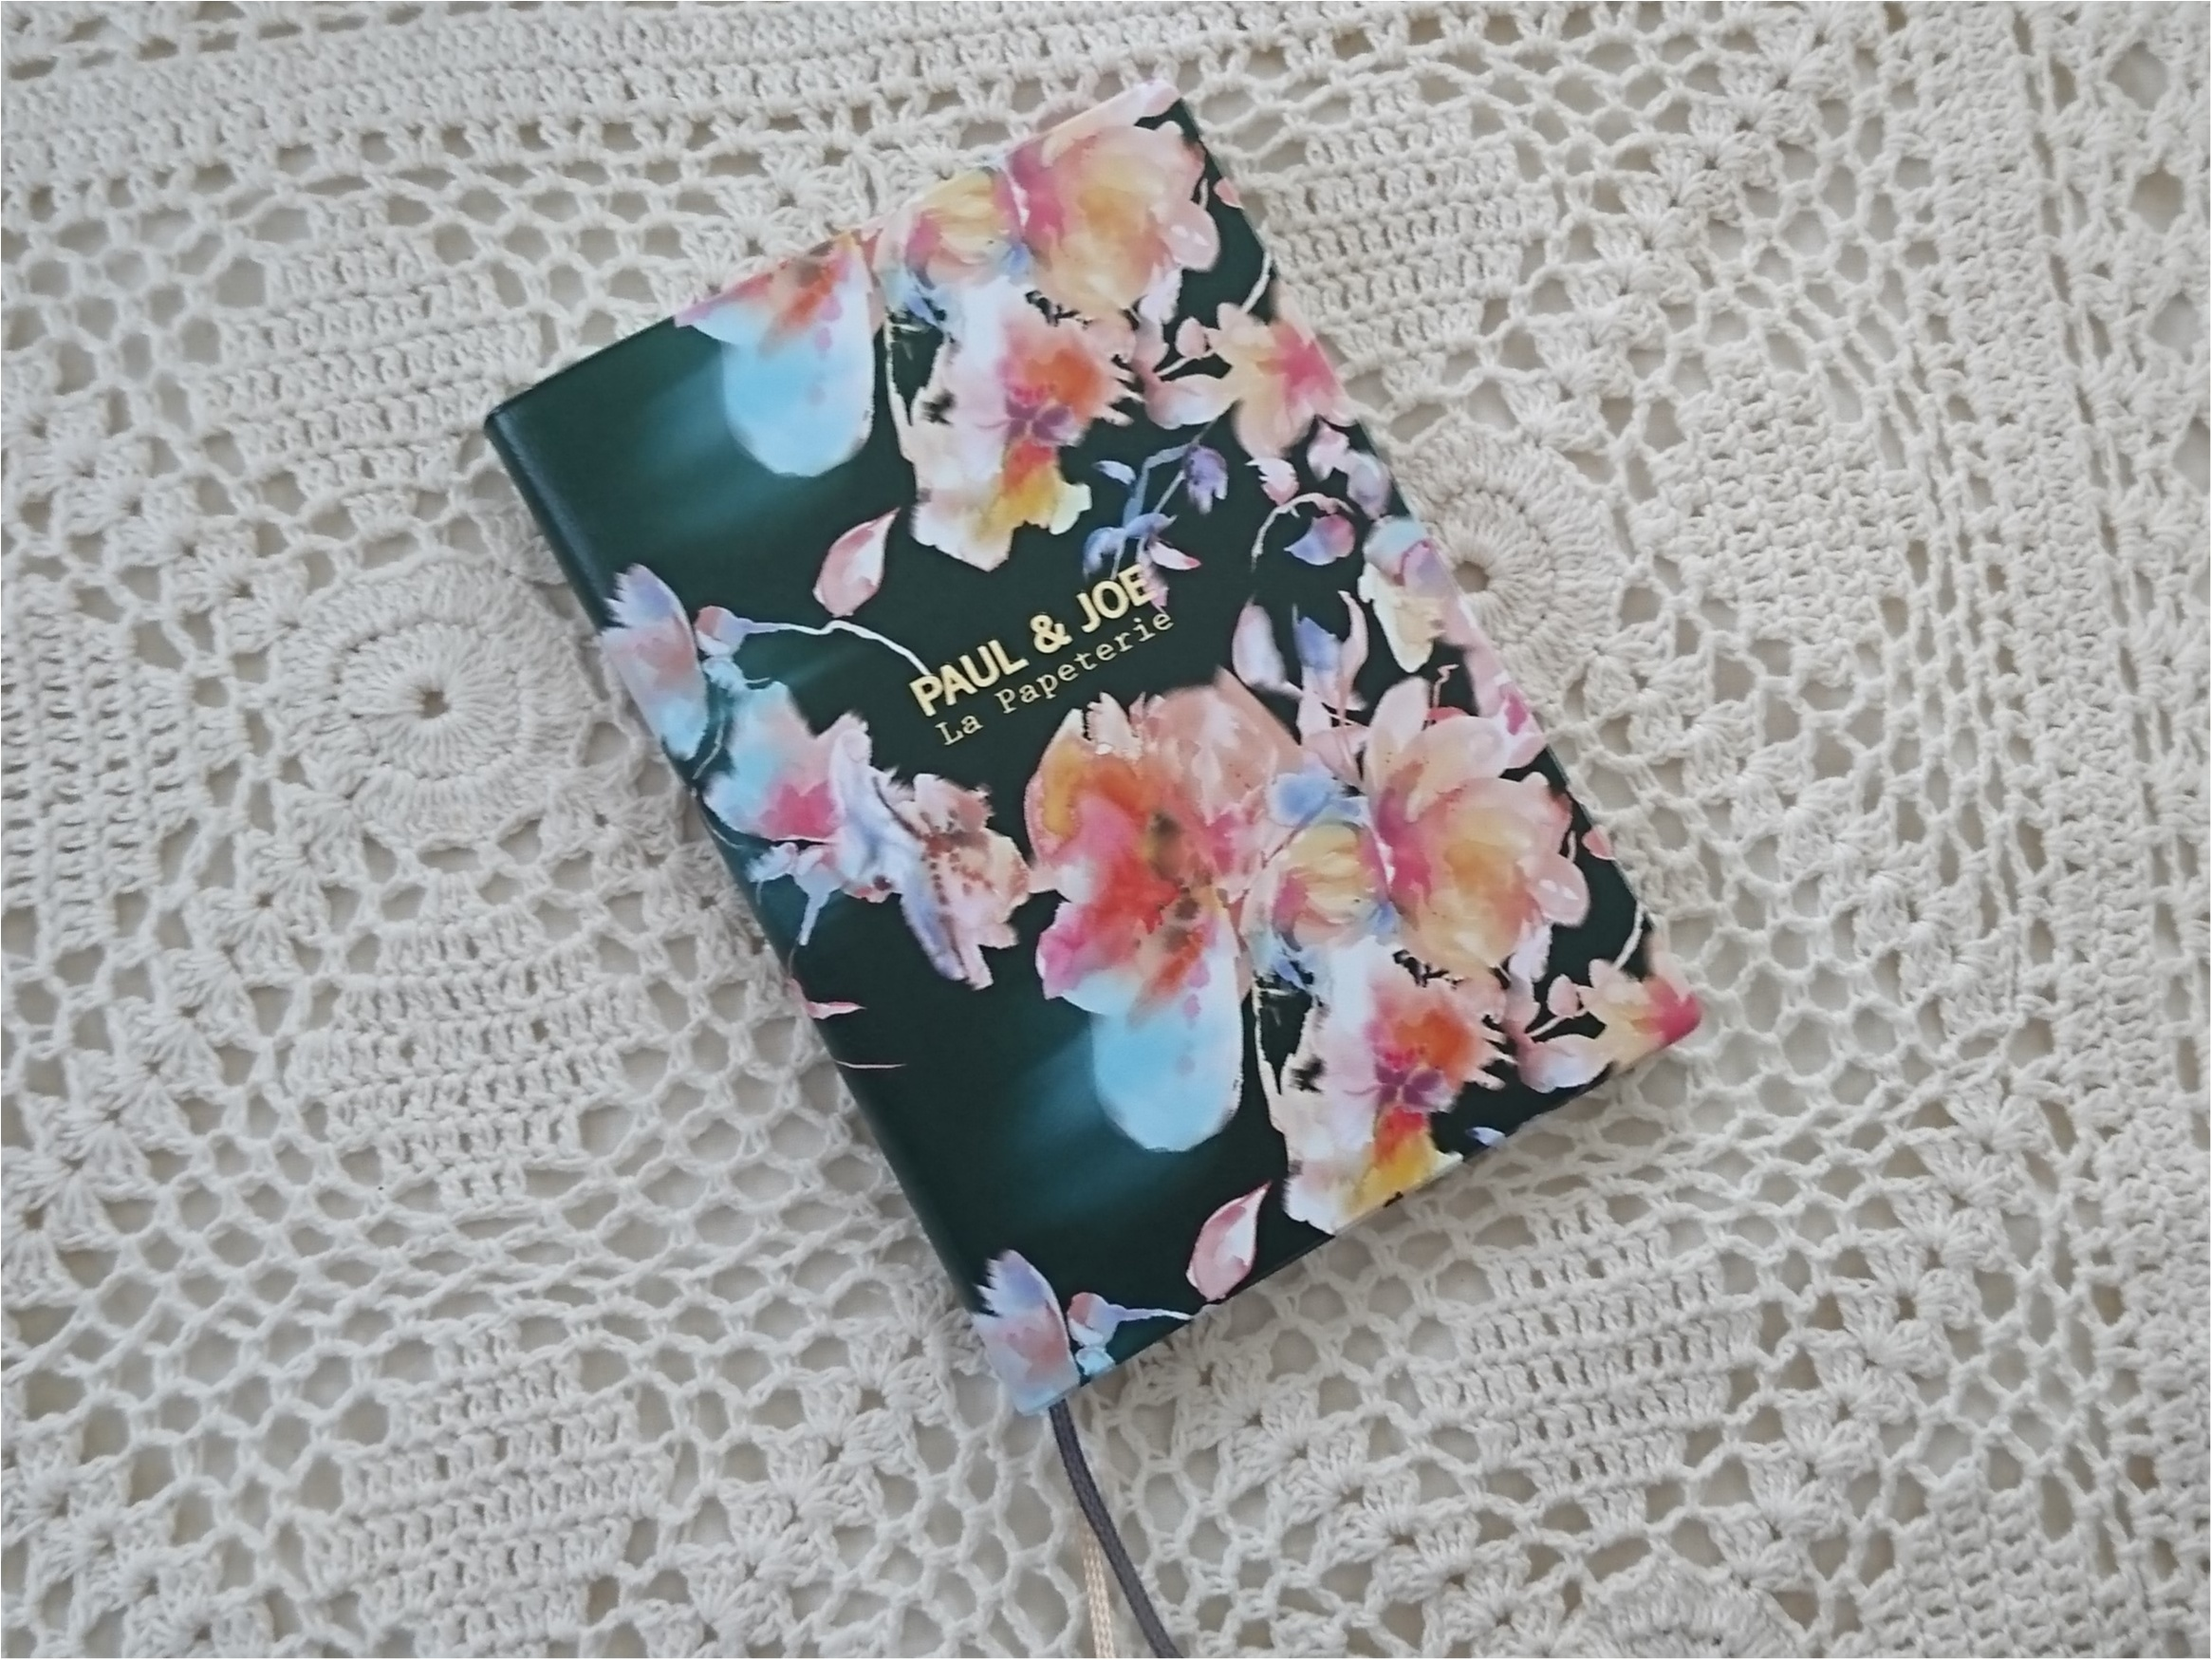 ☆彡2018年の手帳もう買った?☆彡素敵な1年にするための準備_2